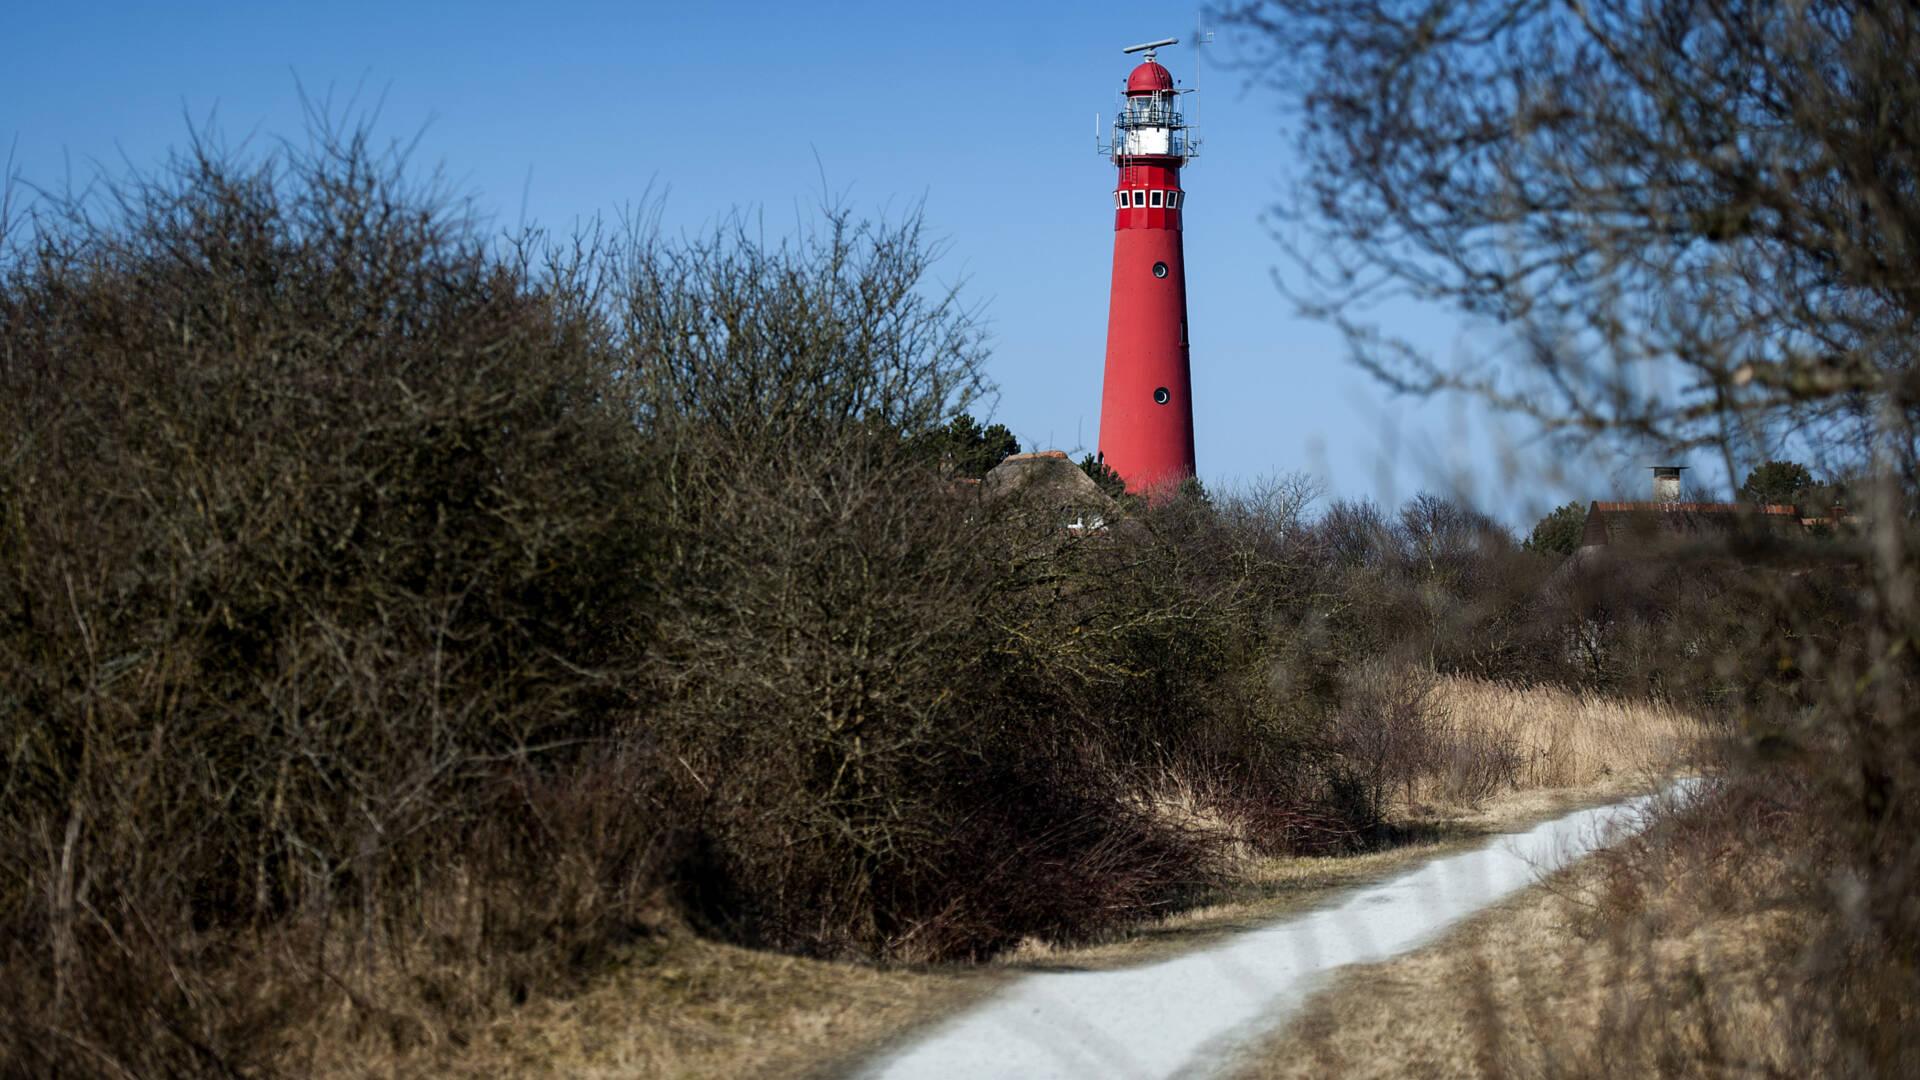 اكتشاف أول إصابة بكورونا في جزيرة Schiermonnikoog الهولندية